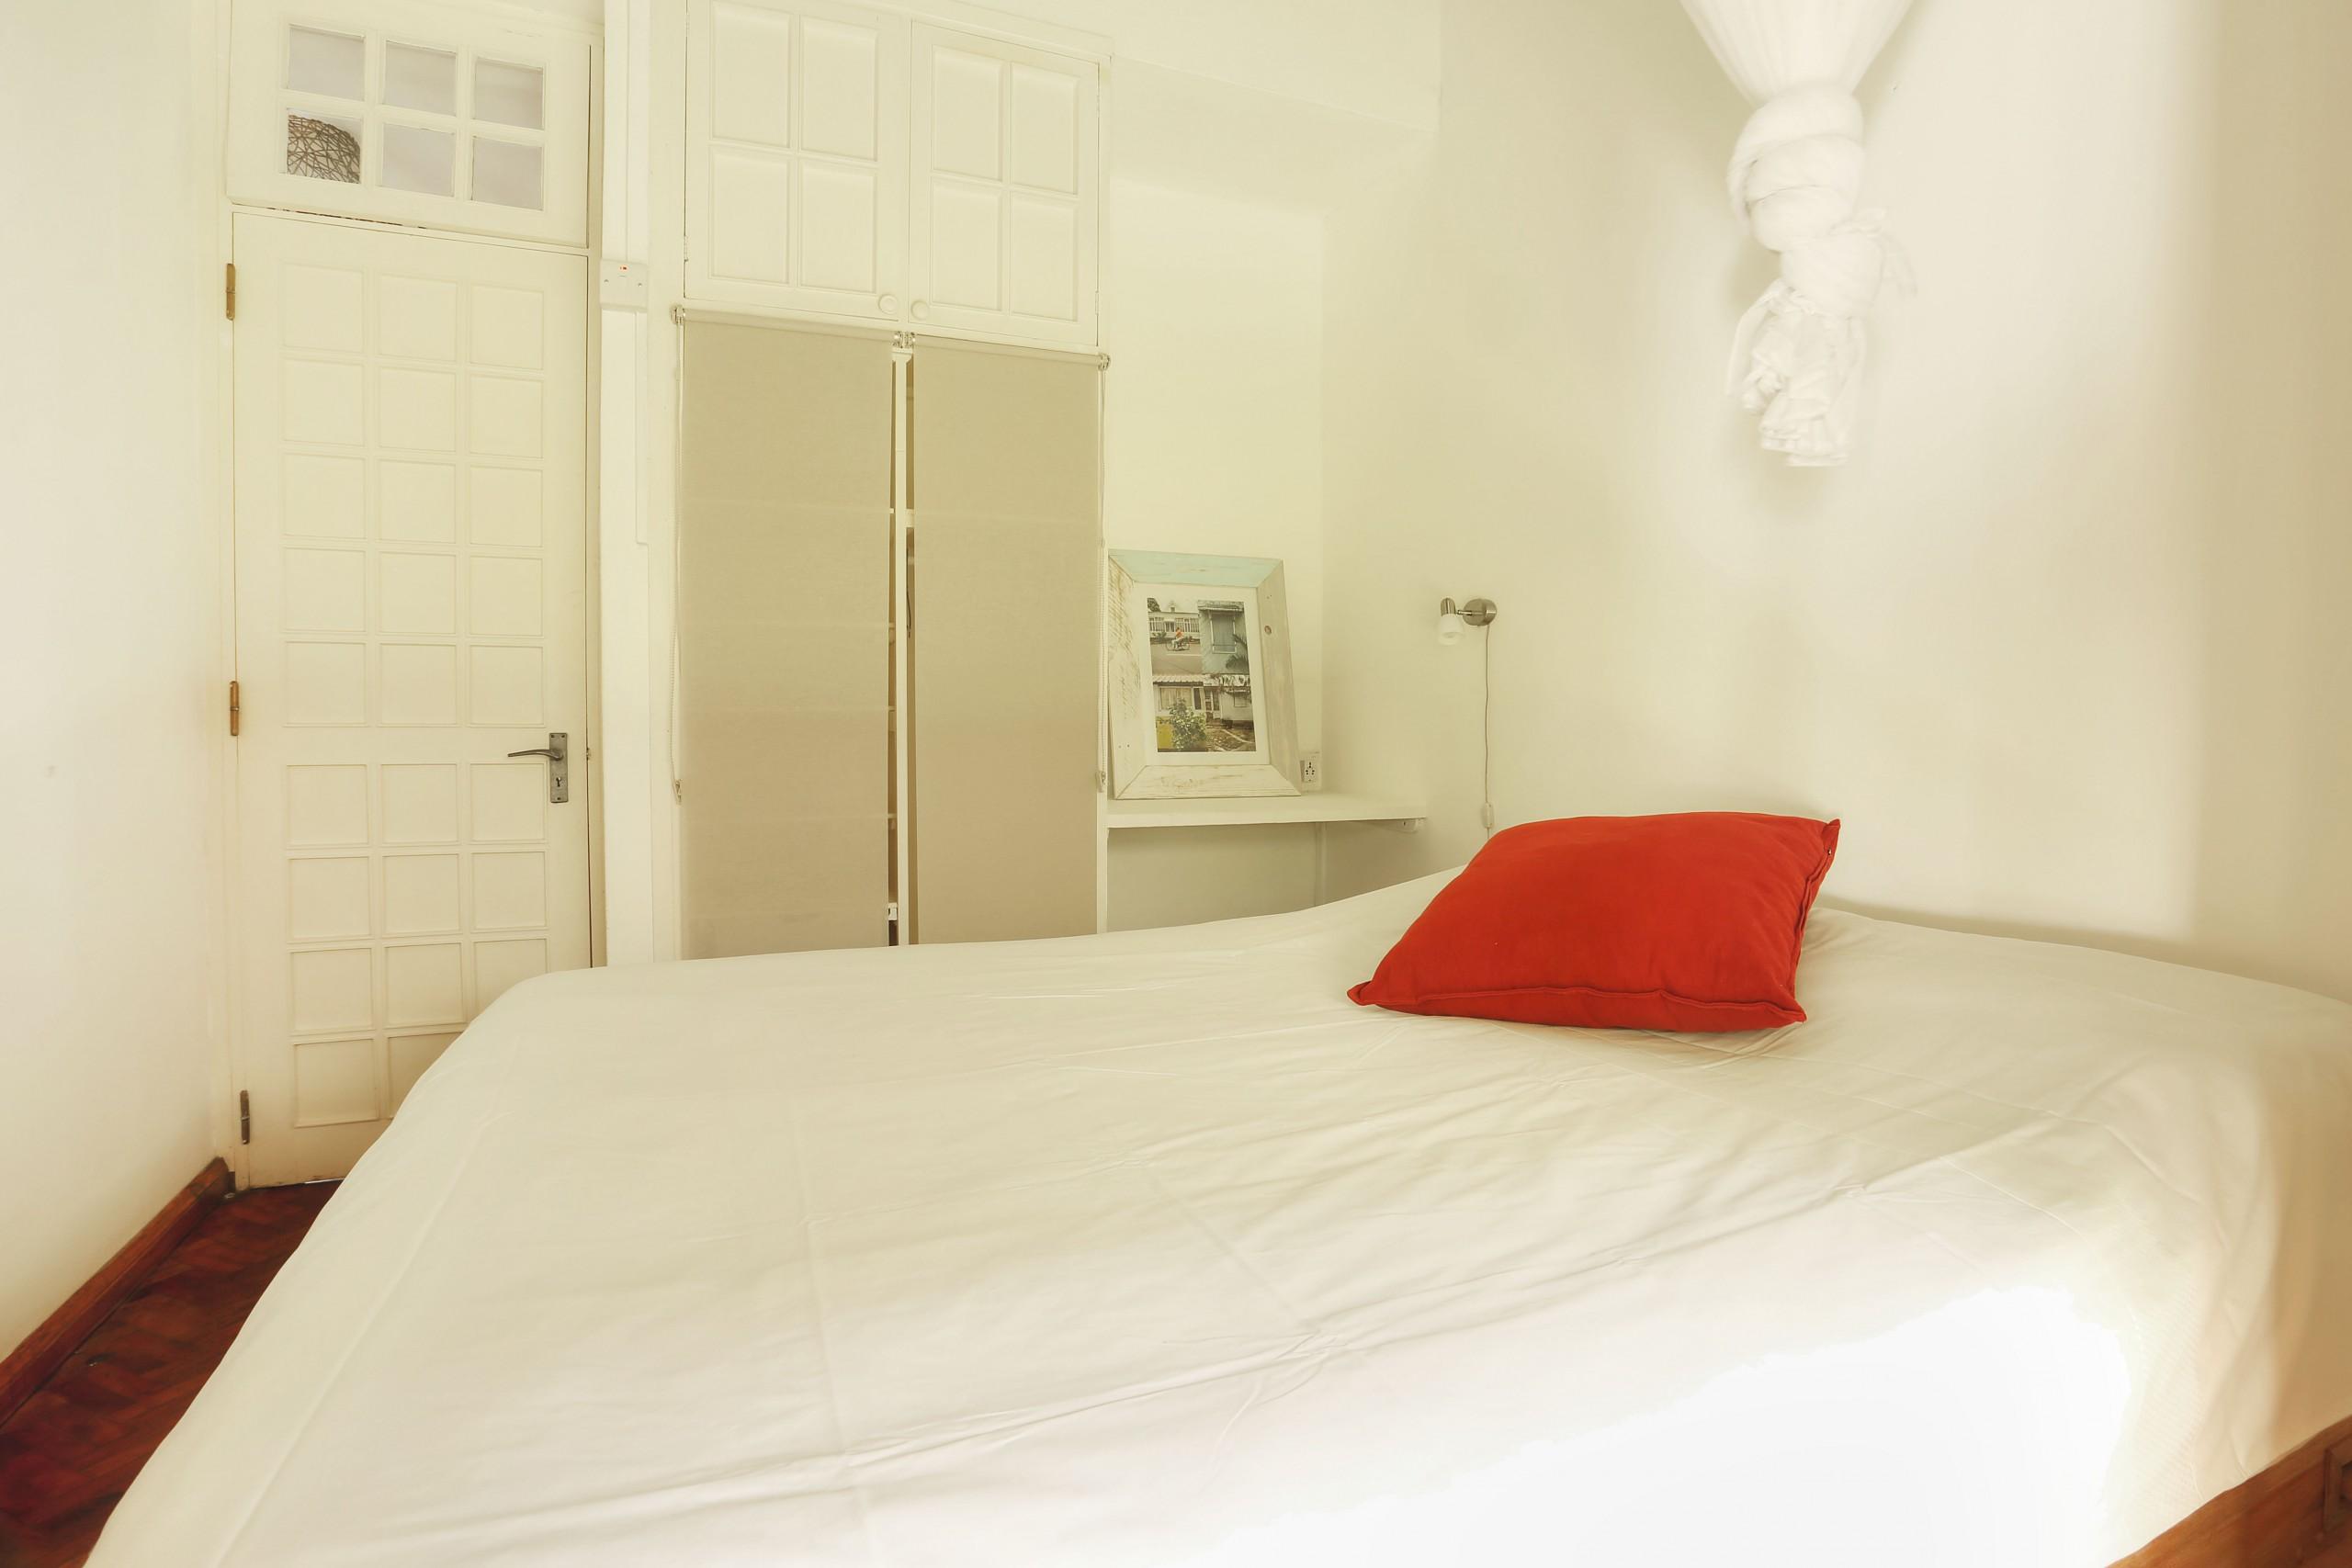 Samya-bedroom-4